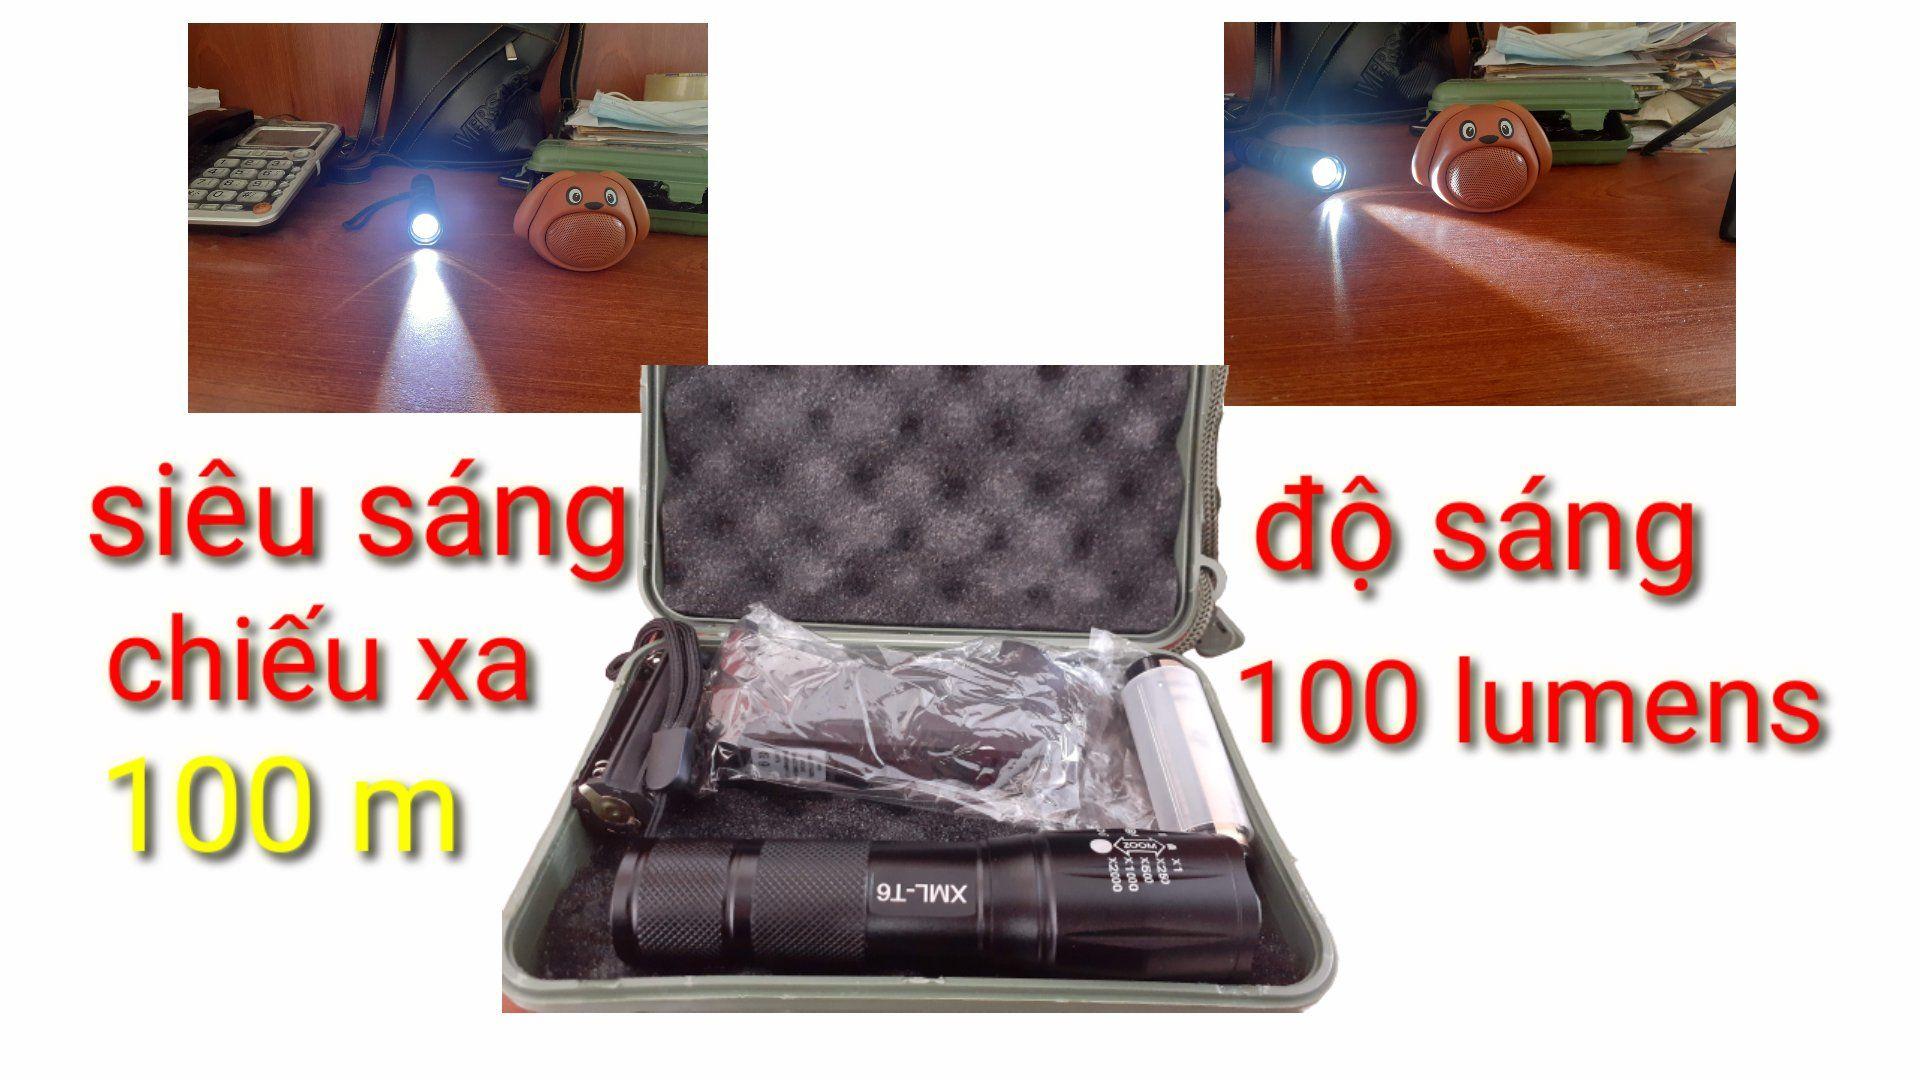 đèn pin siêu sáng chất liệu hợp kim nhôm cao cấp, cô 5 chế độ sáng, thiết kế nhỏ gọn....